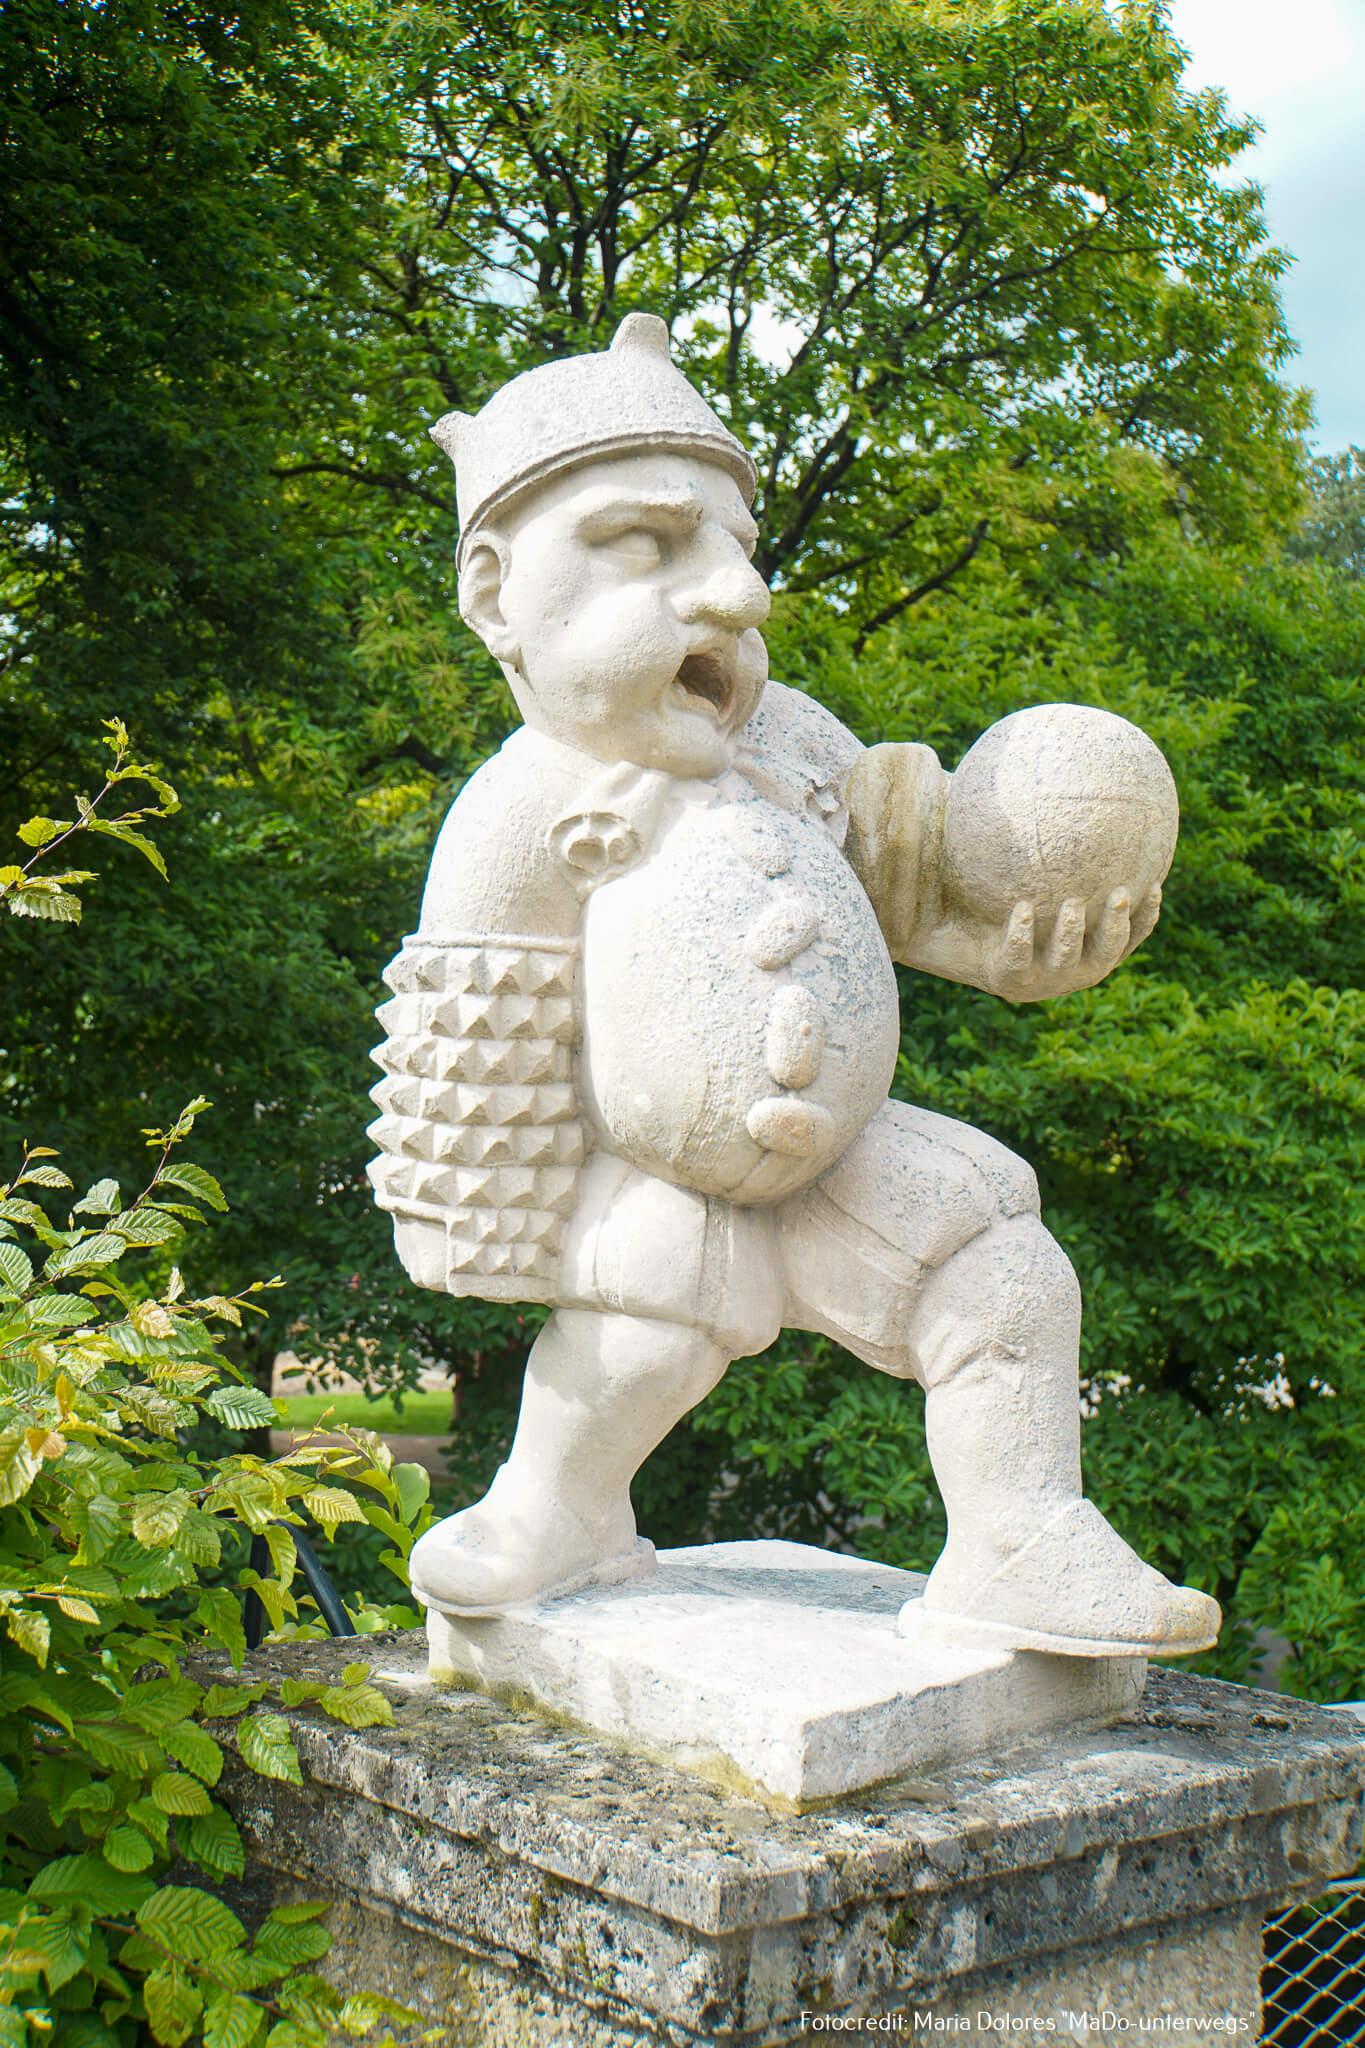 Zwerg mit Ball: Eingang des kleinen Bastionsgartens - Zwergerlgarten - Mirabellgarten [10 Tage Roadtrip Salzburg]